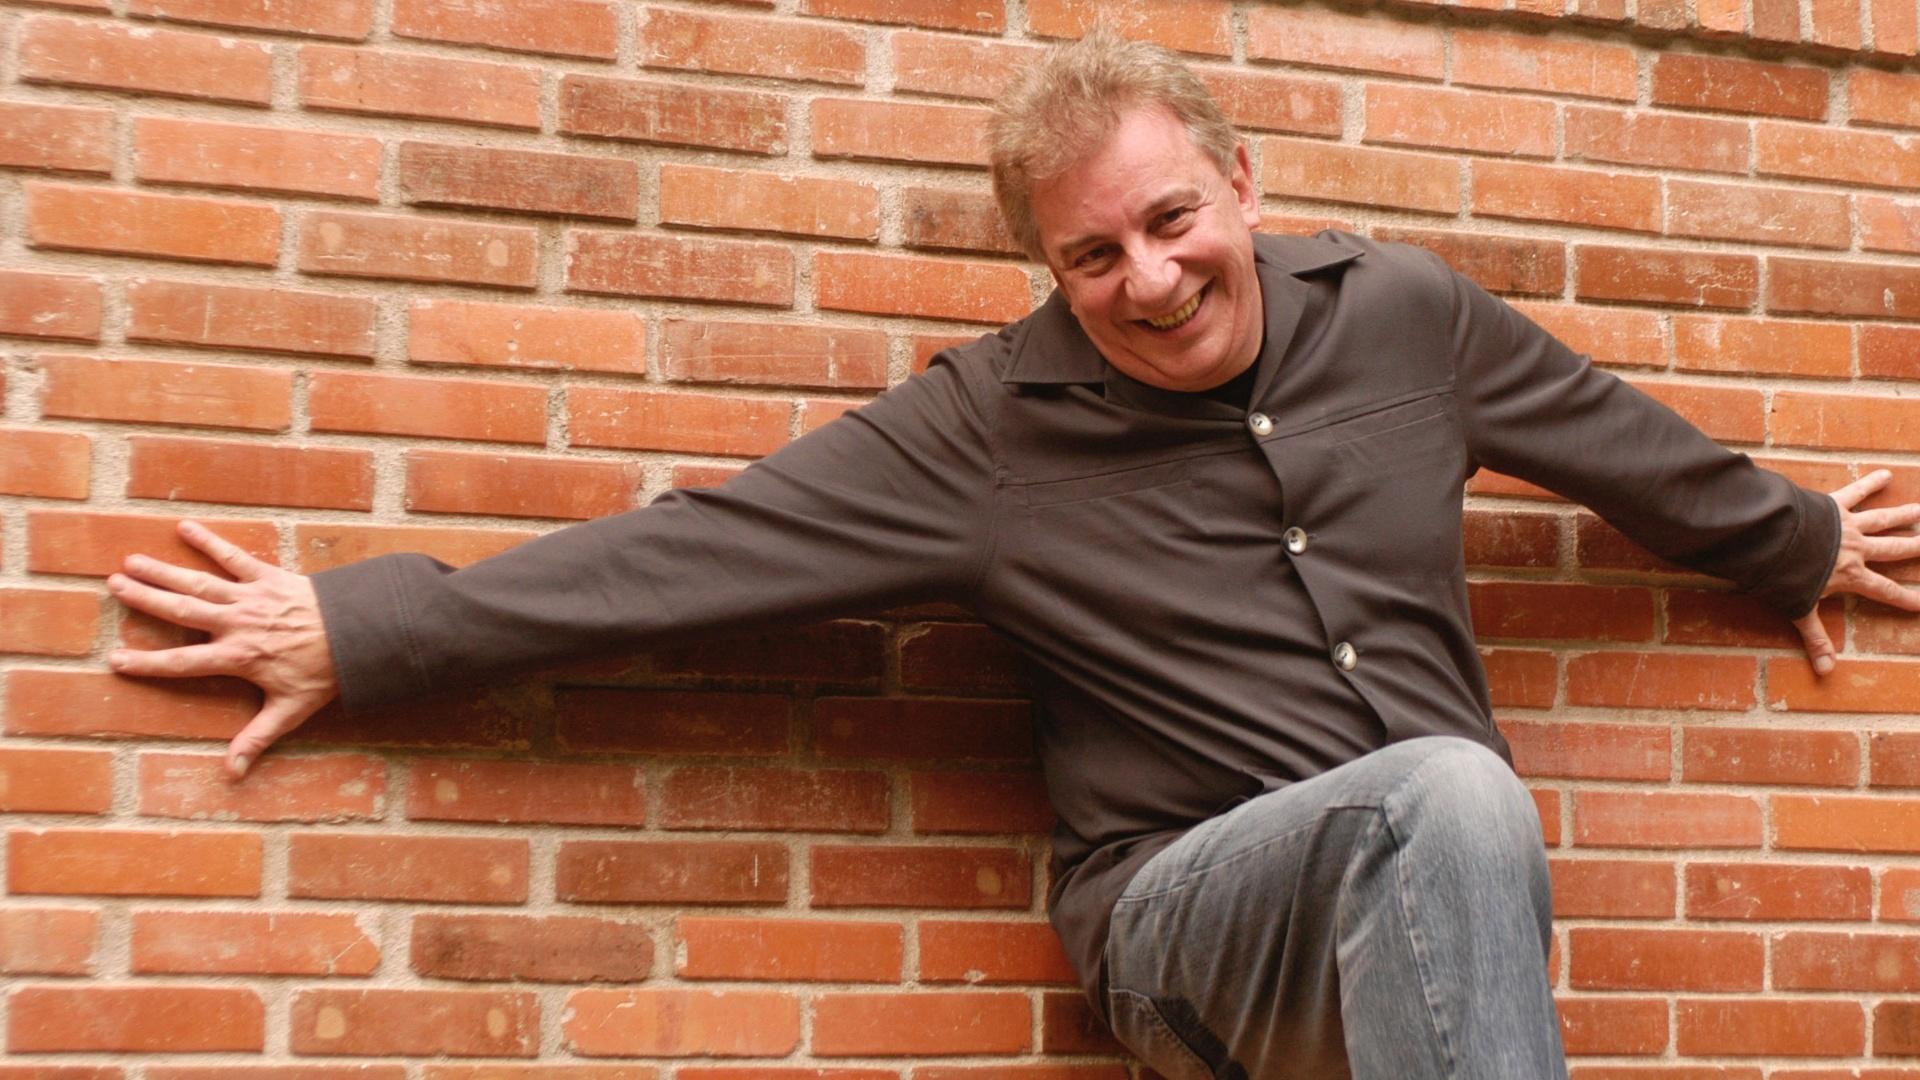 Marco Nanini saiu do armário em 2011